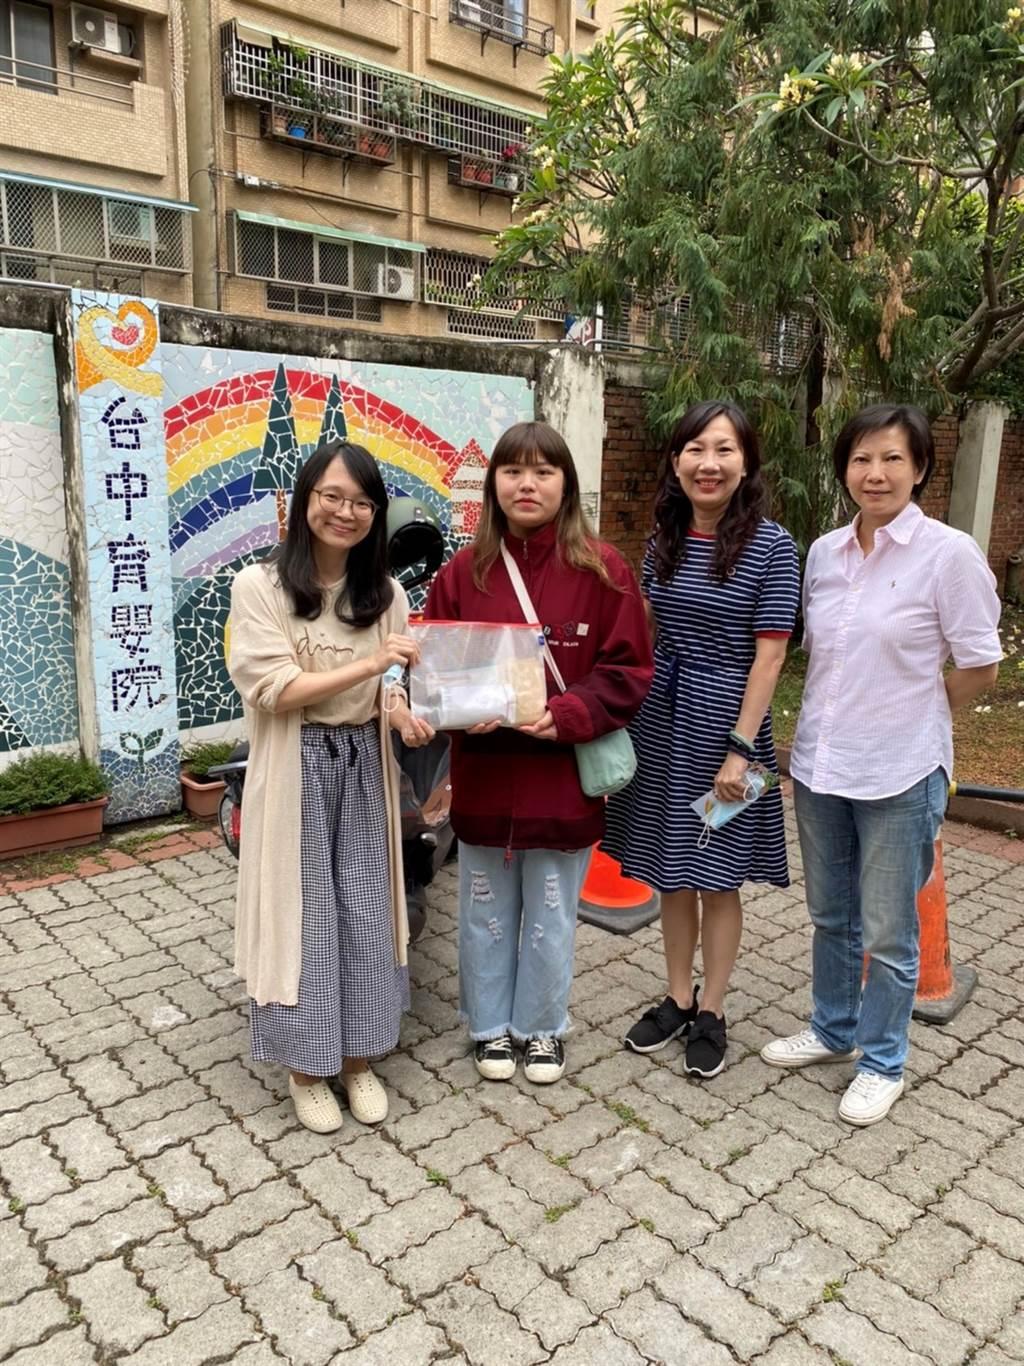 台中育嬰院社工林汶真督導(左1)代表接受嶺東科大企管系師生愛心公益捐款。(圖/嶺東科大提供)